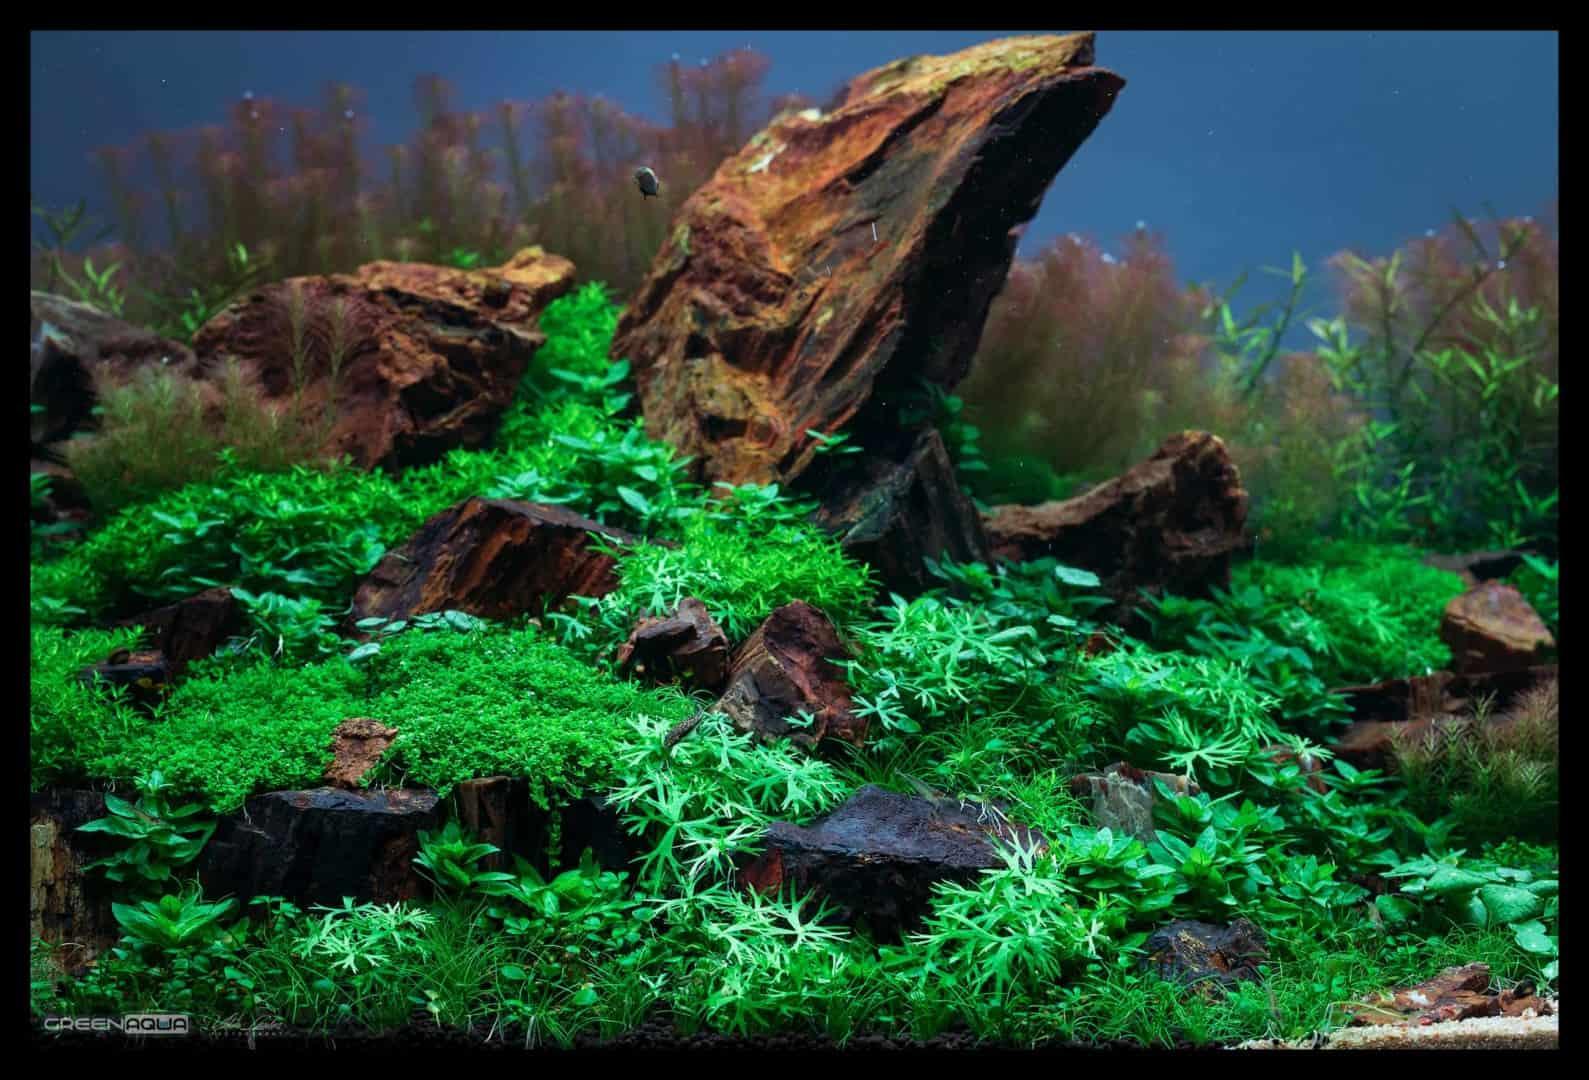 174 Green Aqua 2.0 (Volker Jochum) 20